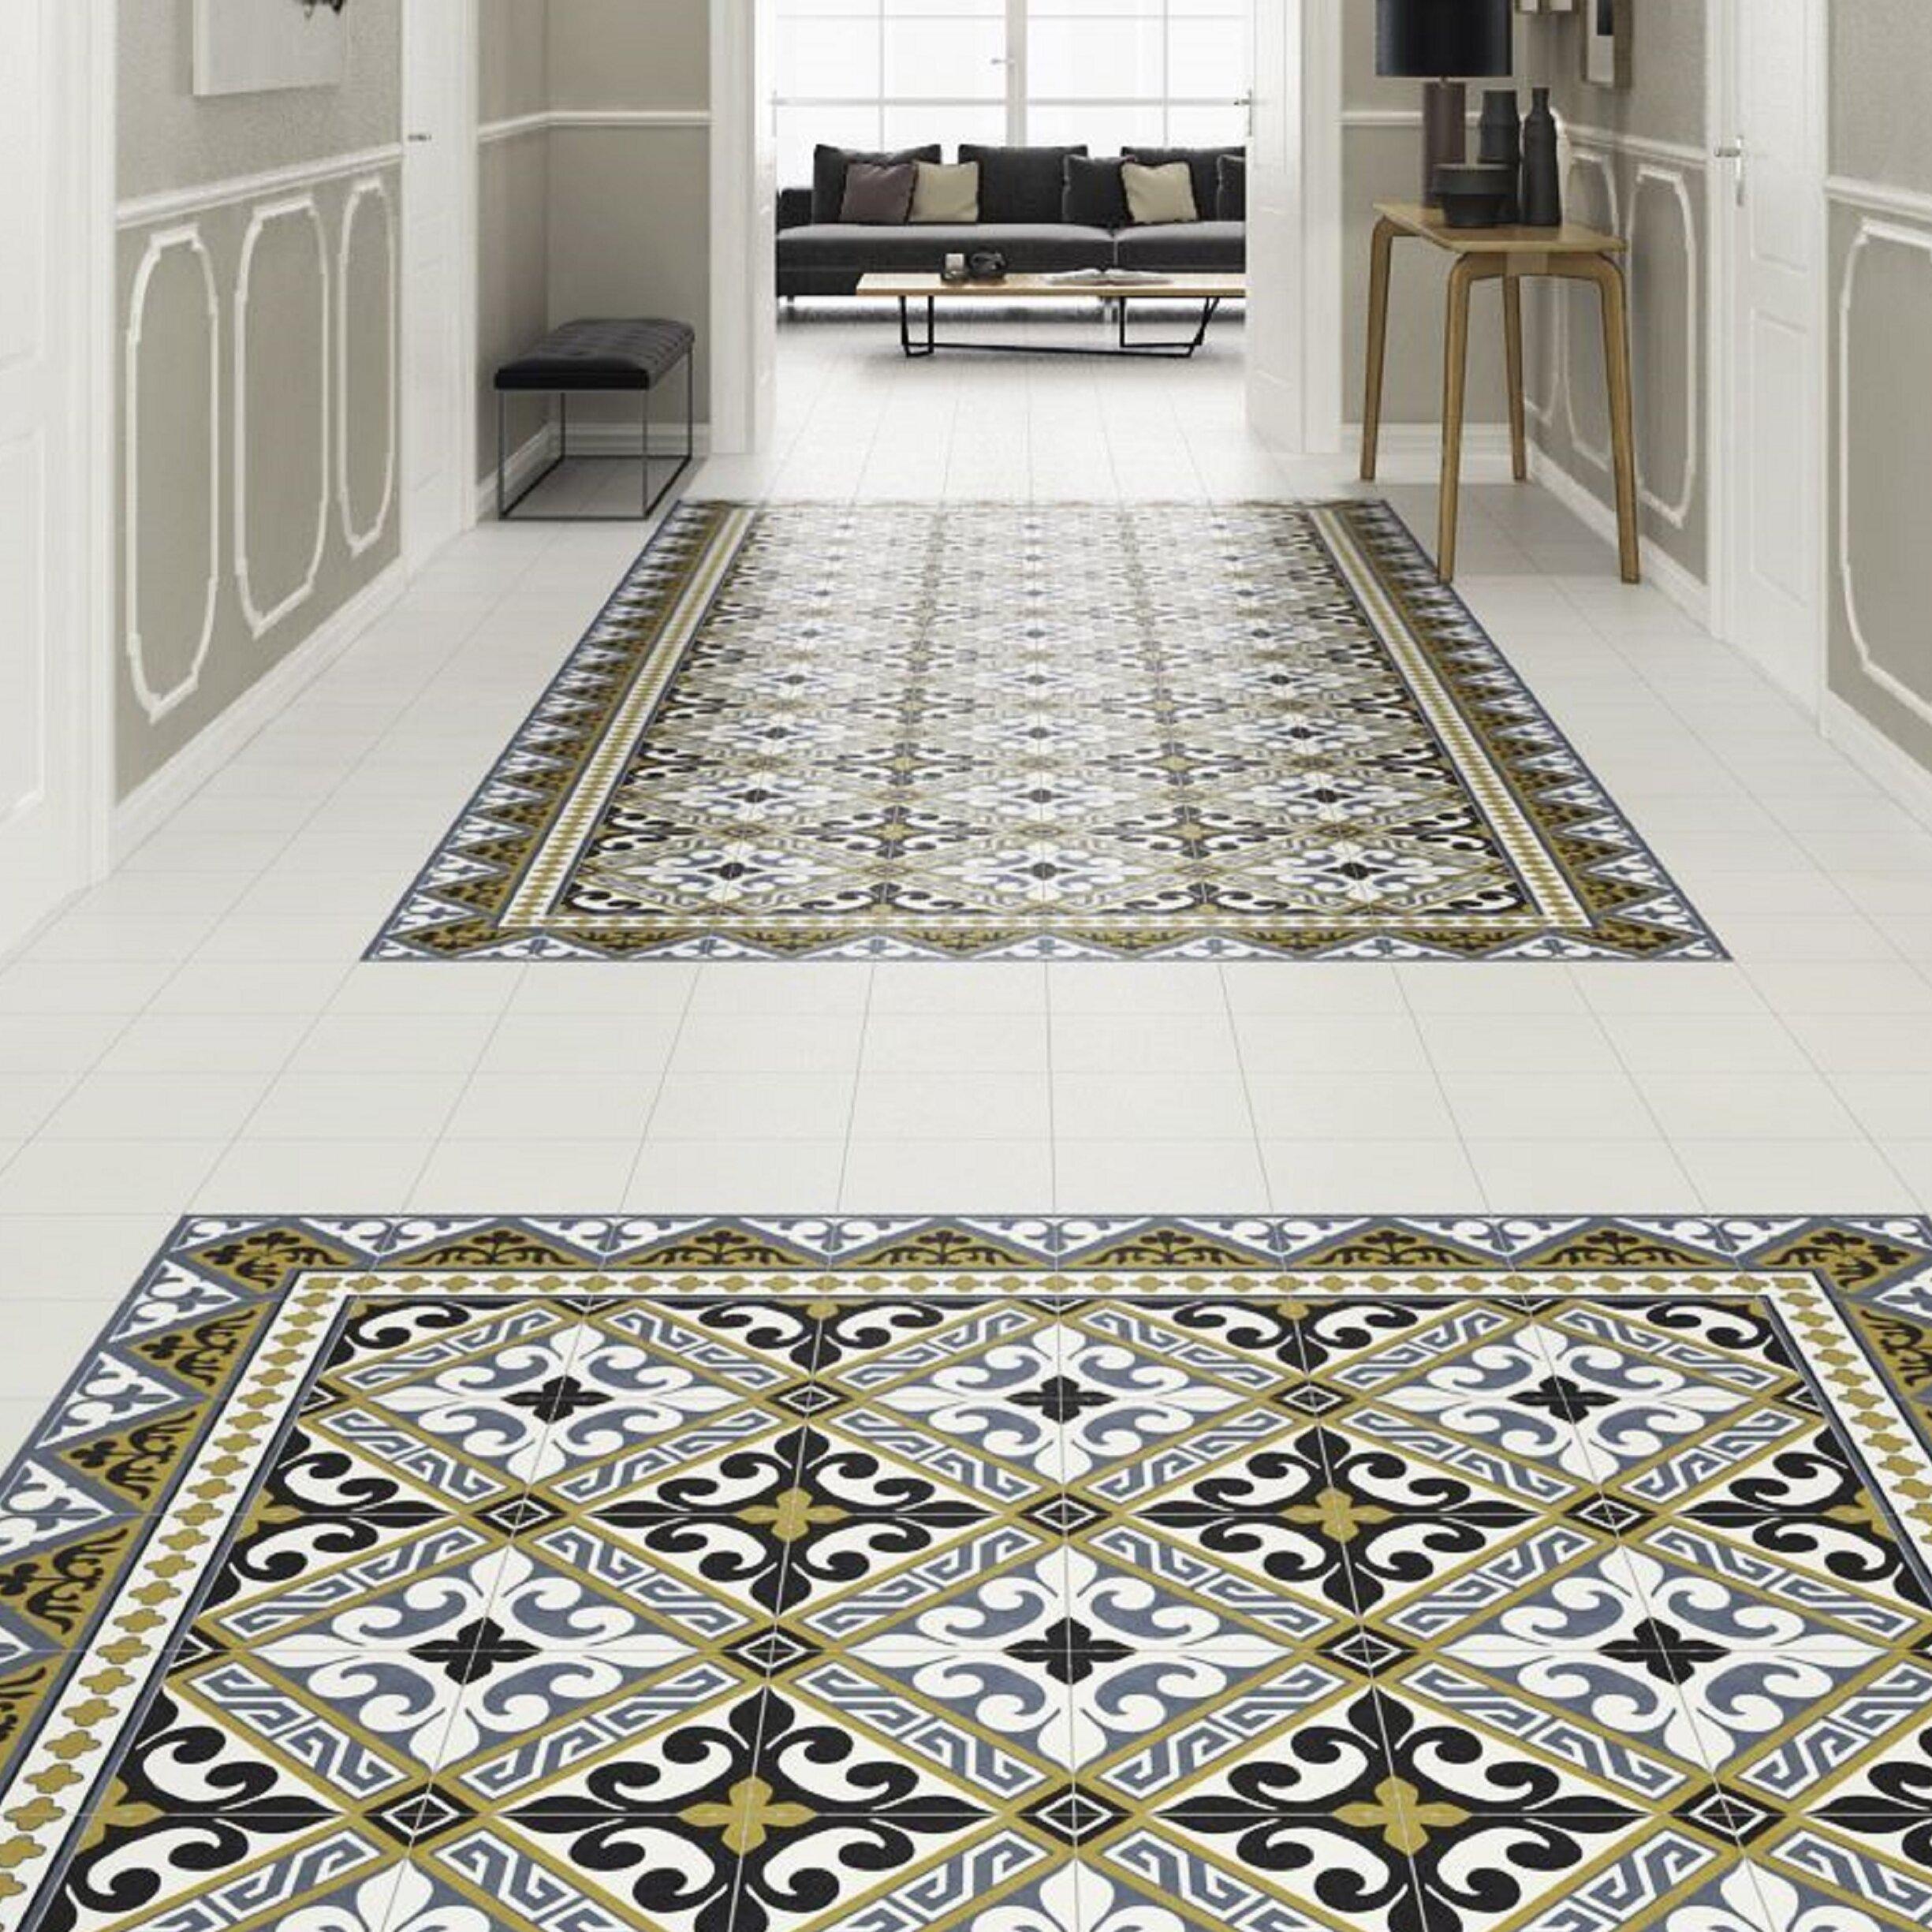 Elitetile Seni Orleans Cenefa 10 X 10 Porcelain Floor Wall Border Tile Wayfair